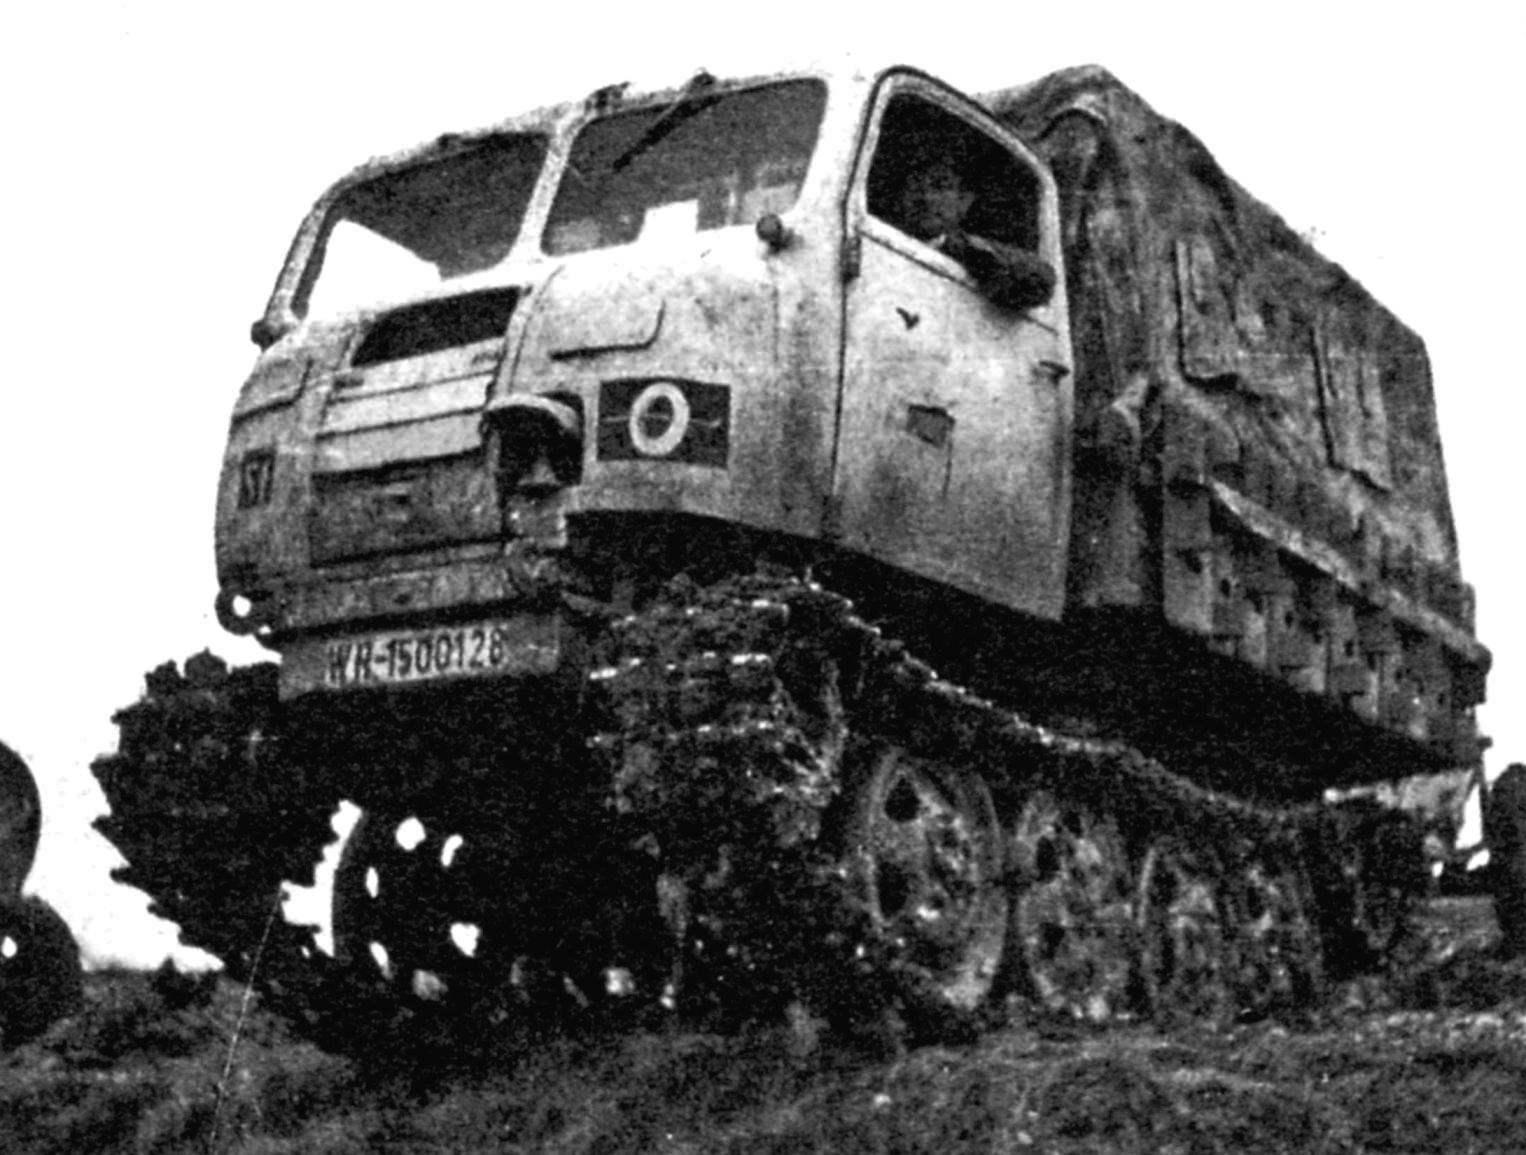 Трактор-тягач Raupenschlepper Ost (сокращённо RSO) типа наших артиллерийских гусеничных СТЗ-5 и «Сталинца». Масса - 3,8 т, тяговое усилие около 3 т.